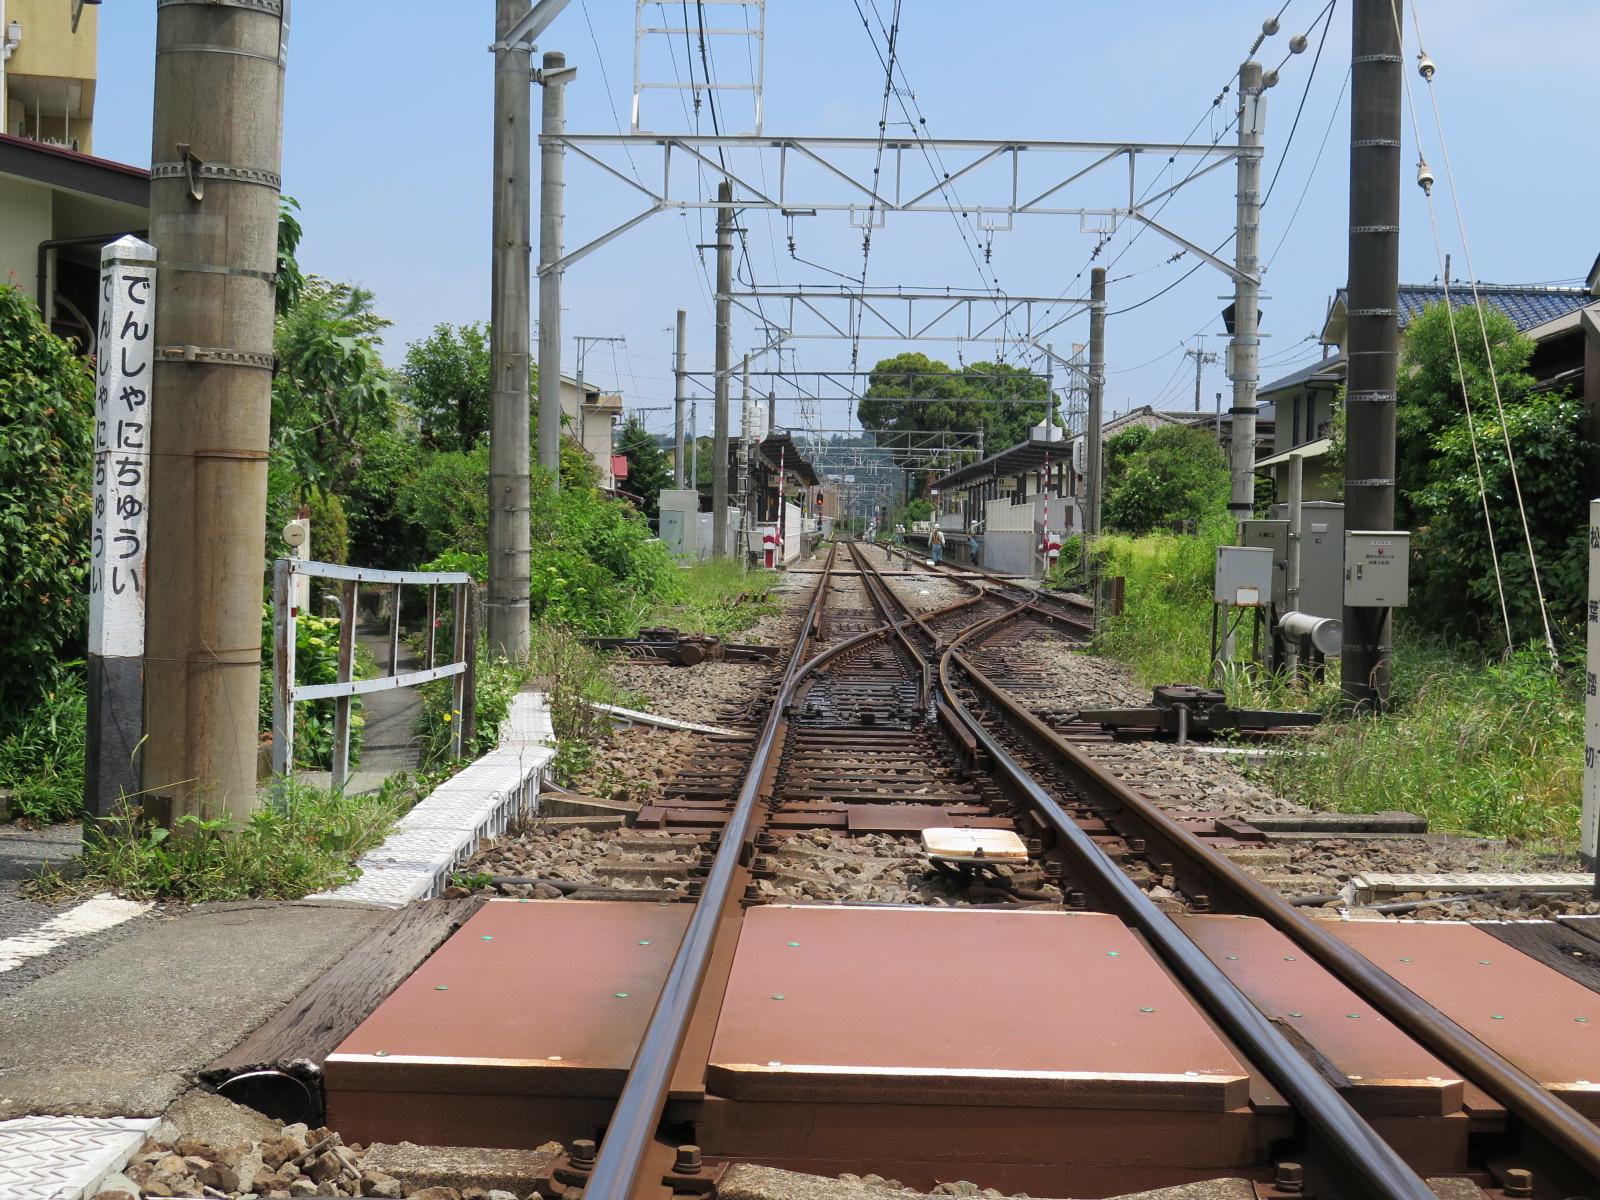 入生田踏切と三線軌条(狭軌の小田急と広軌の箱根登山鉄道の乗り入れ)